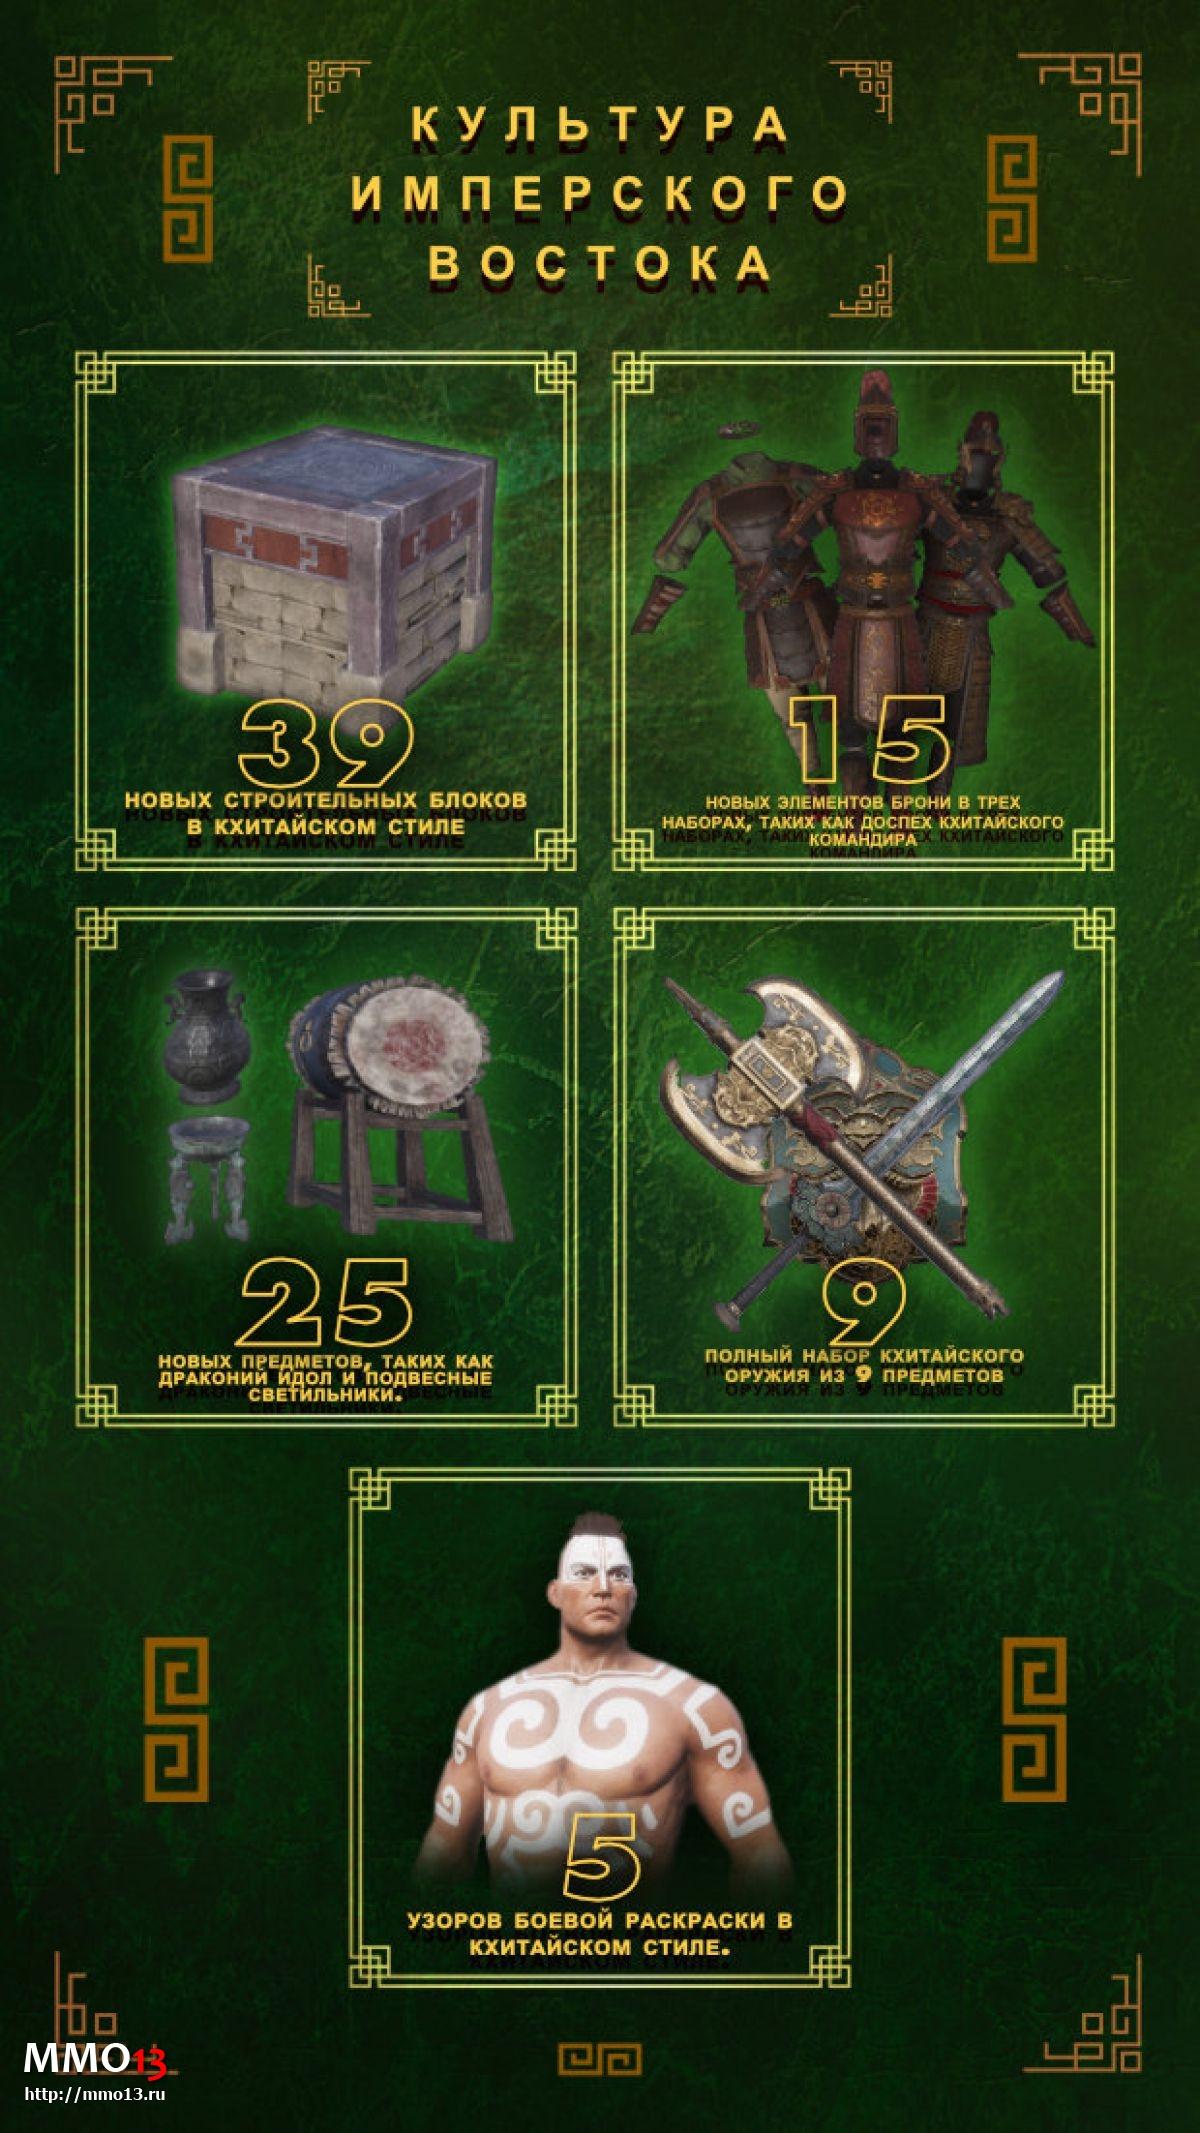 Вышло дополнение «Культура имперского востока» для Conan Exiles 24488